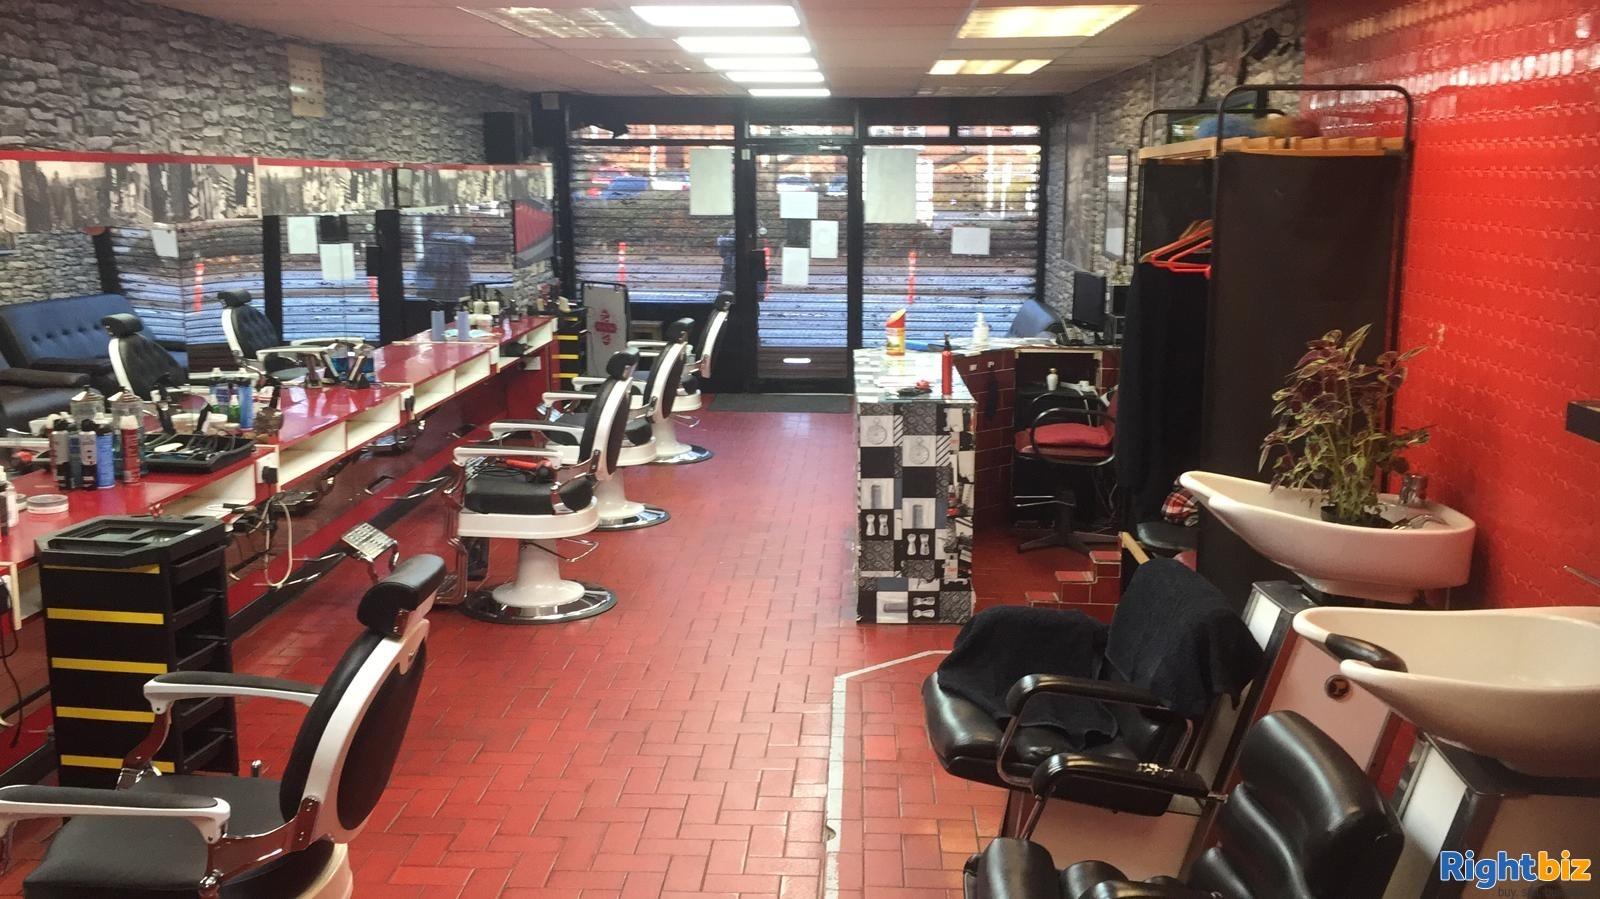 Well Established Barber Shop Business For Sale in Birmingham - Image 2